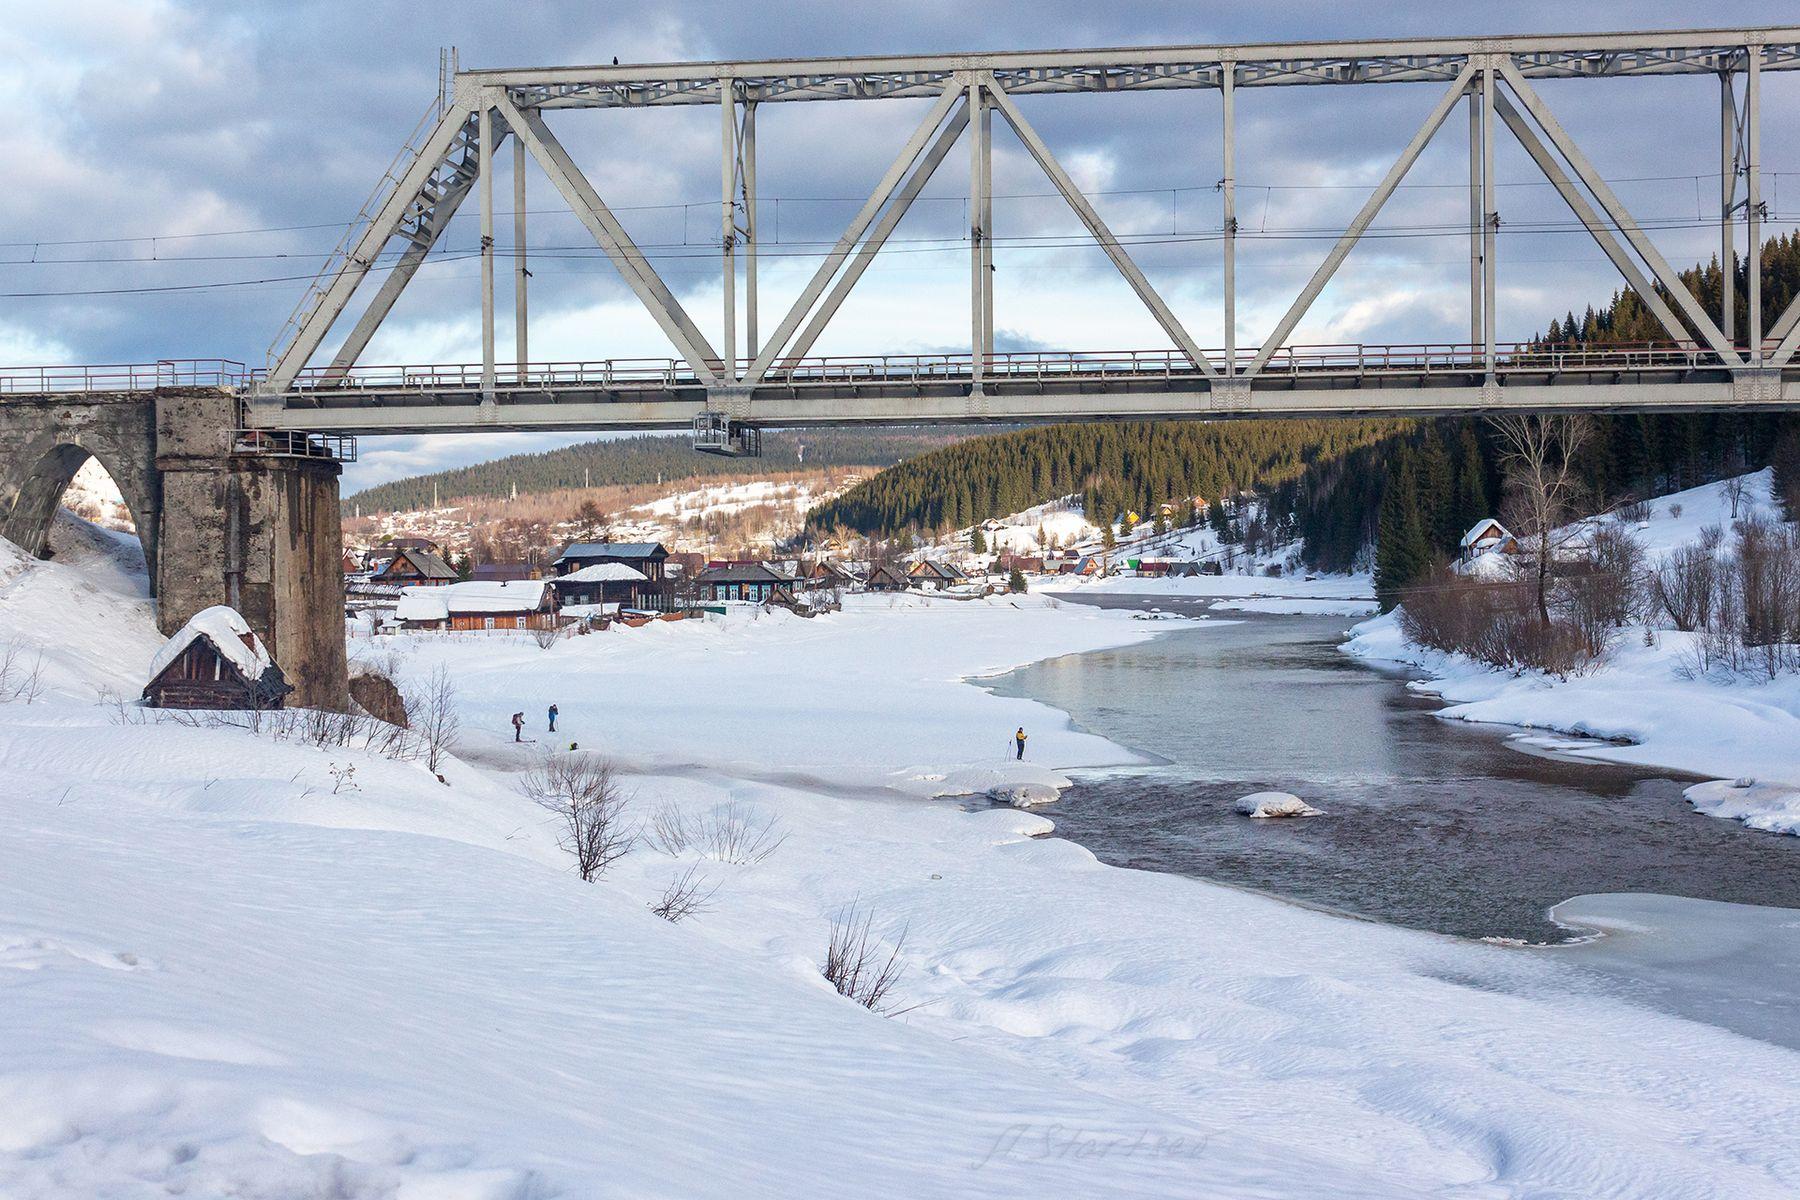 Мост через Усьву зима снег река Усьва пейзаж природа Урал мост туризм Пермский_край